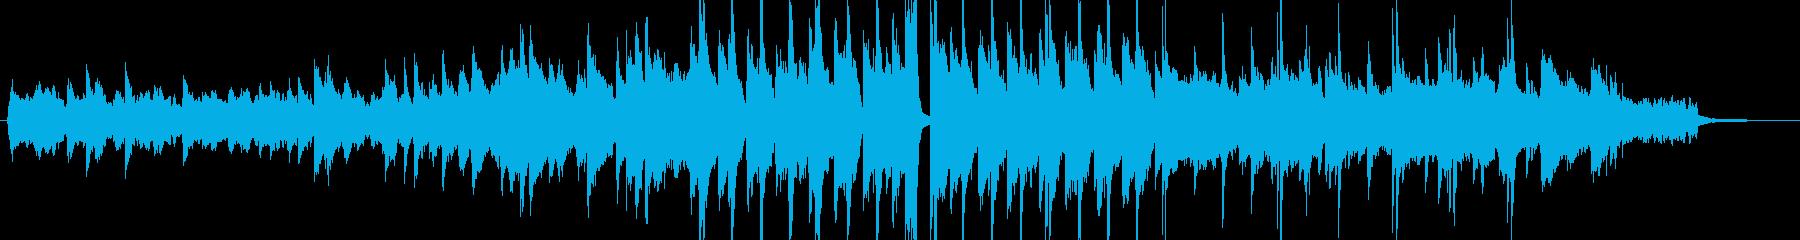 渋めのジャズサックスの再生済みの波形